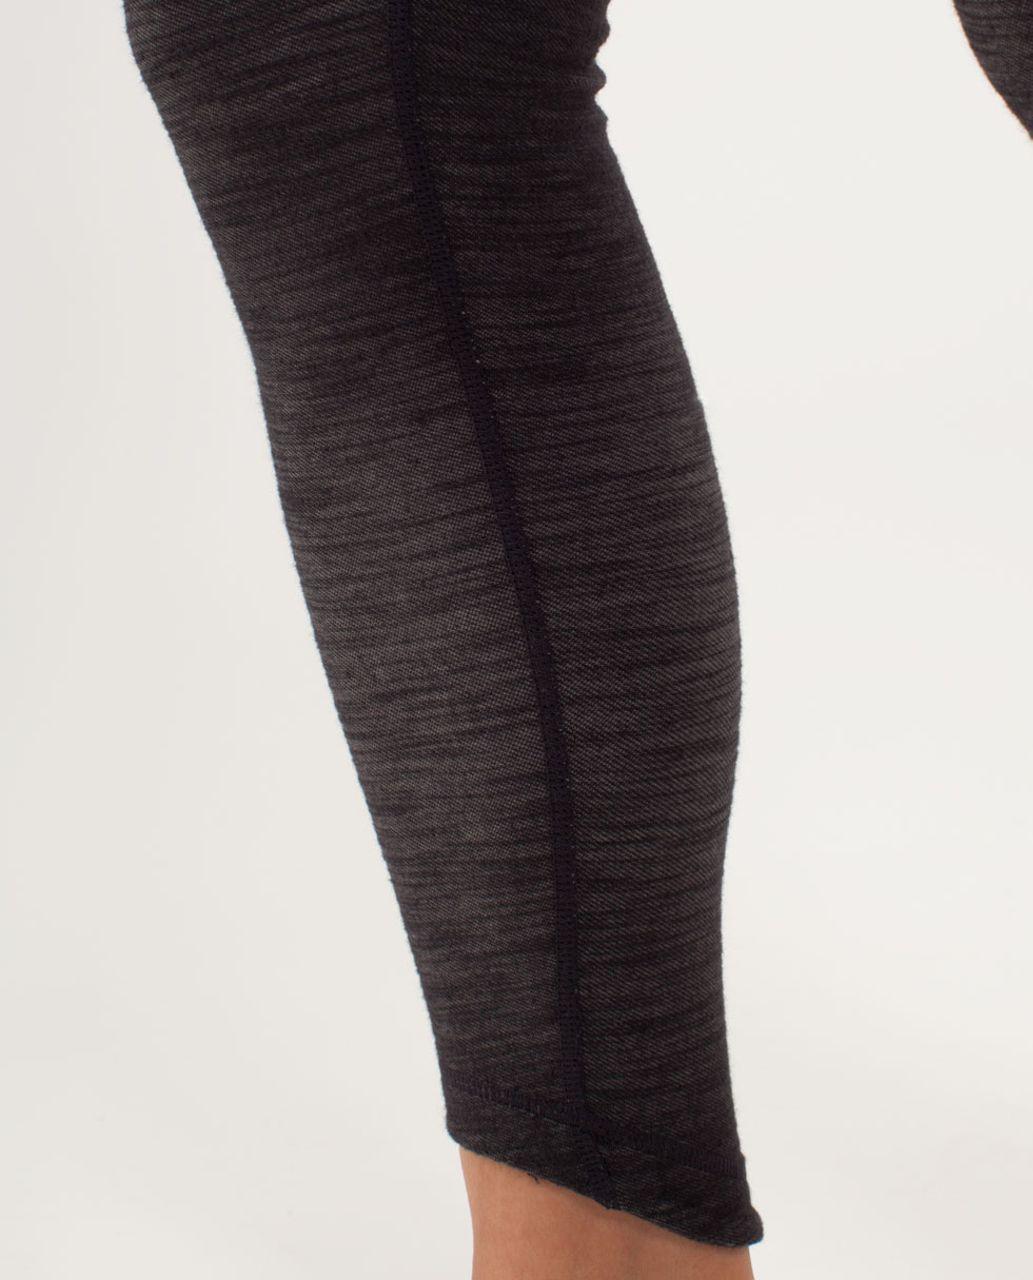 Lululemon Wunder Under Pant *Special Edition Denim - Black